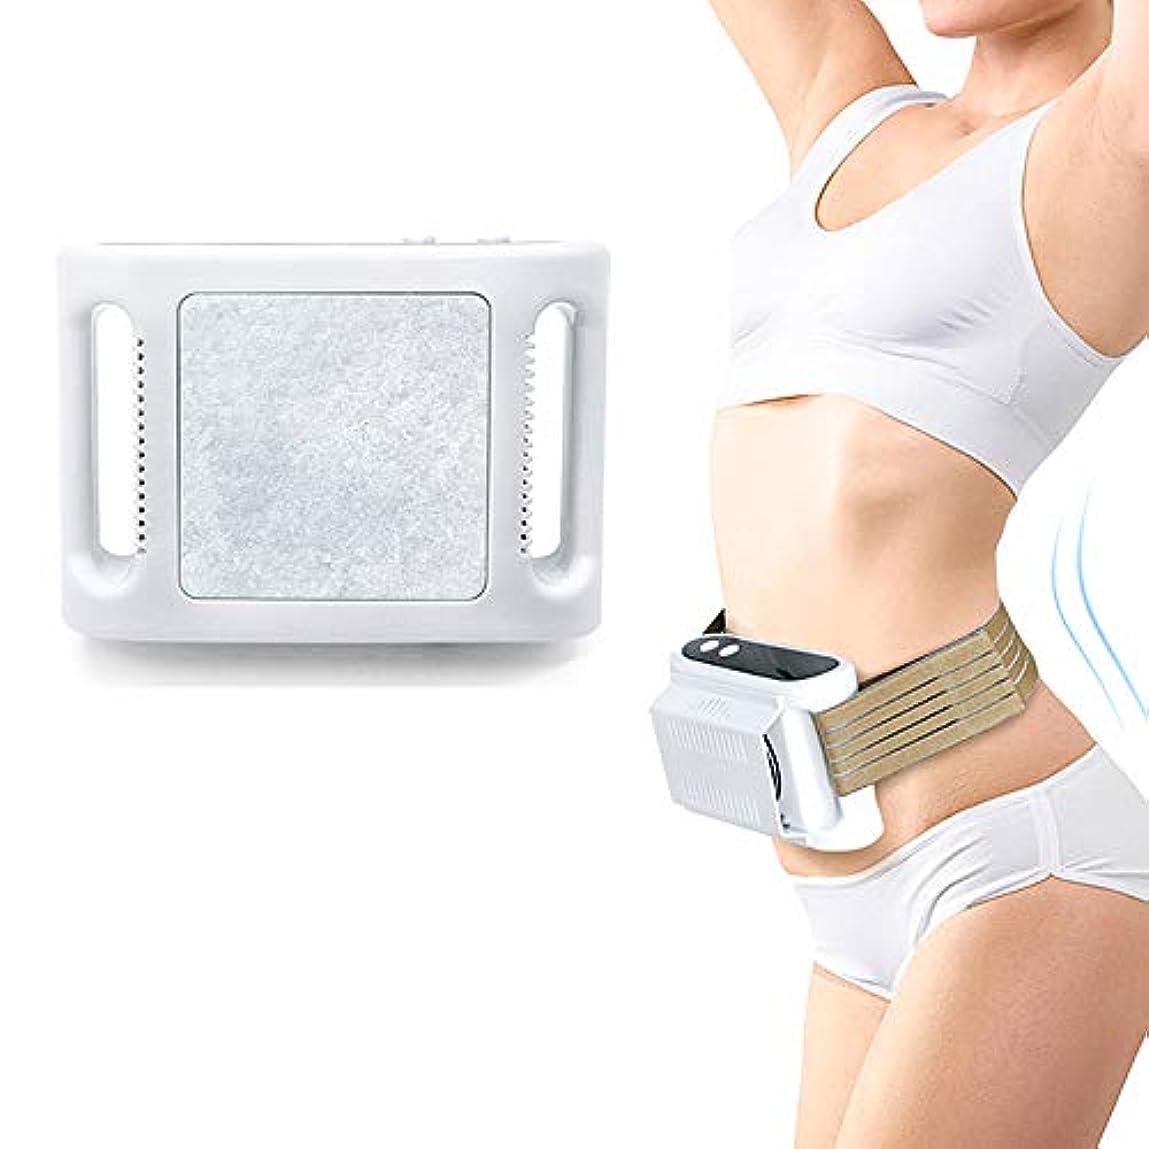 凍結脂肪除去器具腰トレーナー減量多機能ボディ整形マッサージ女性男性のための美容機器